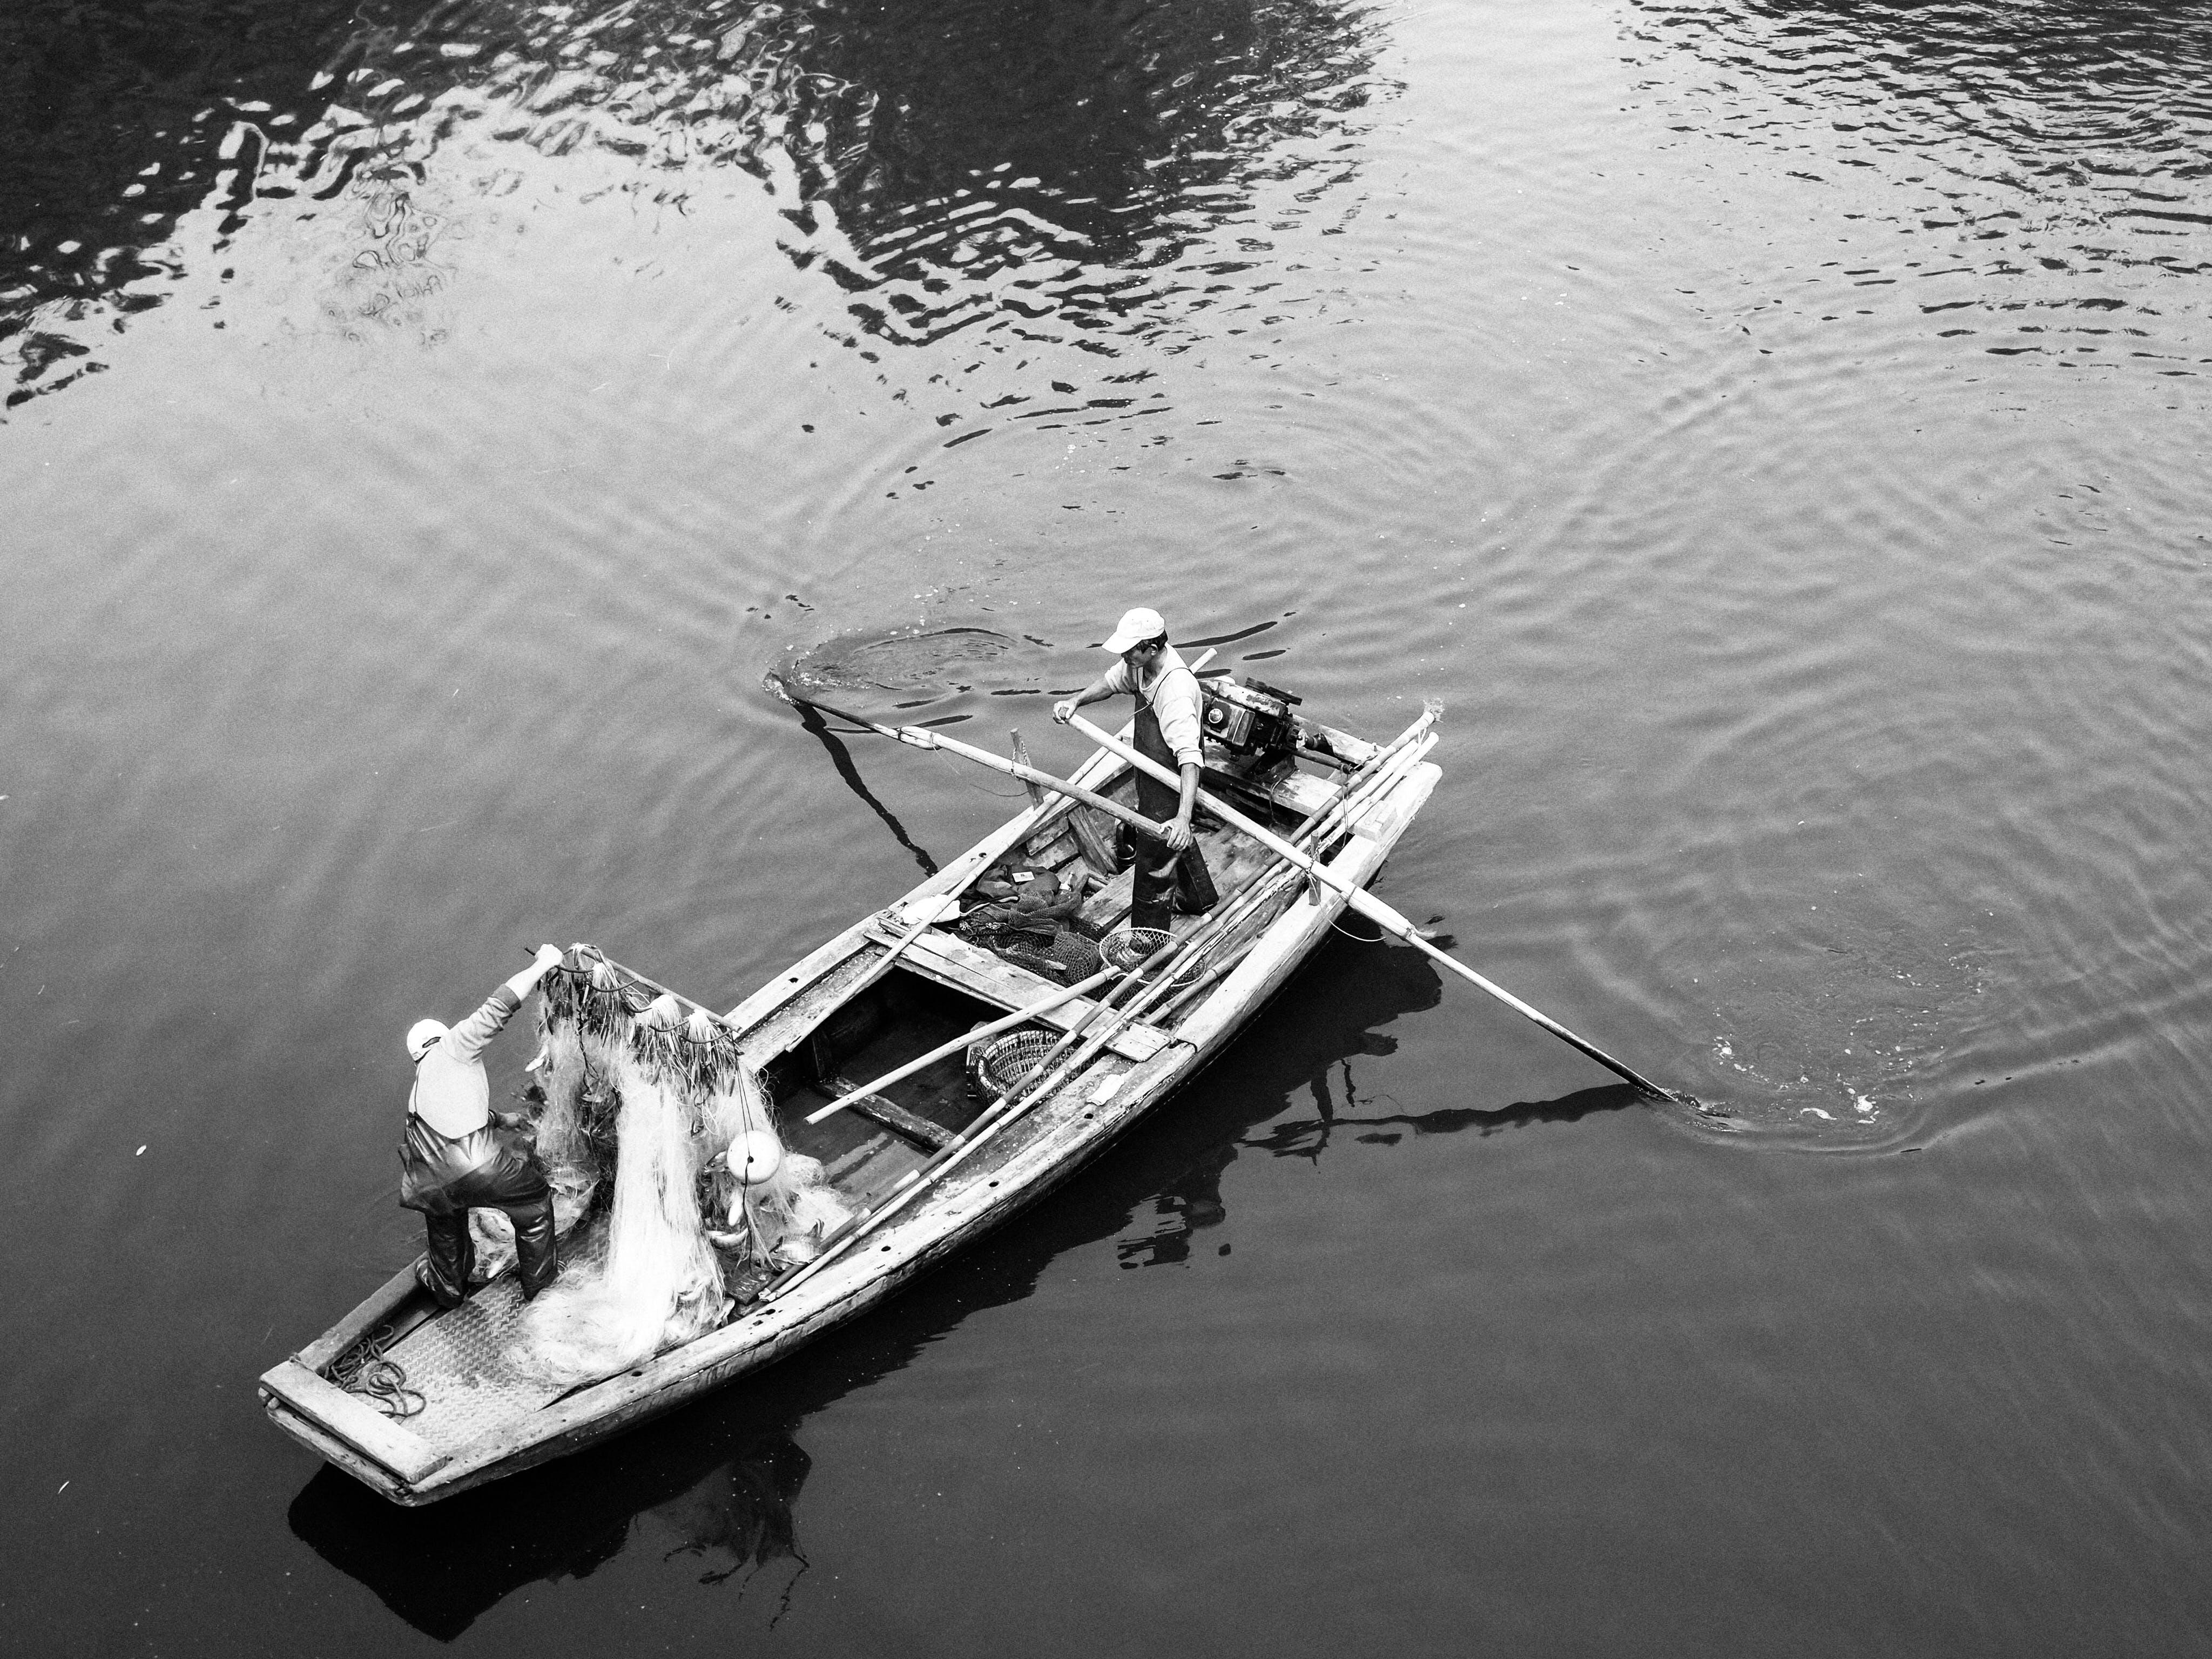 Man in White Boat